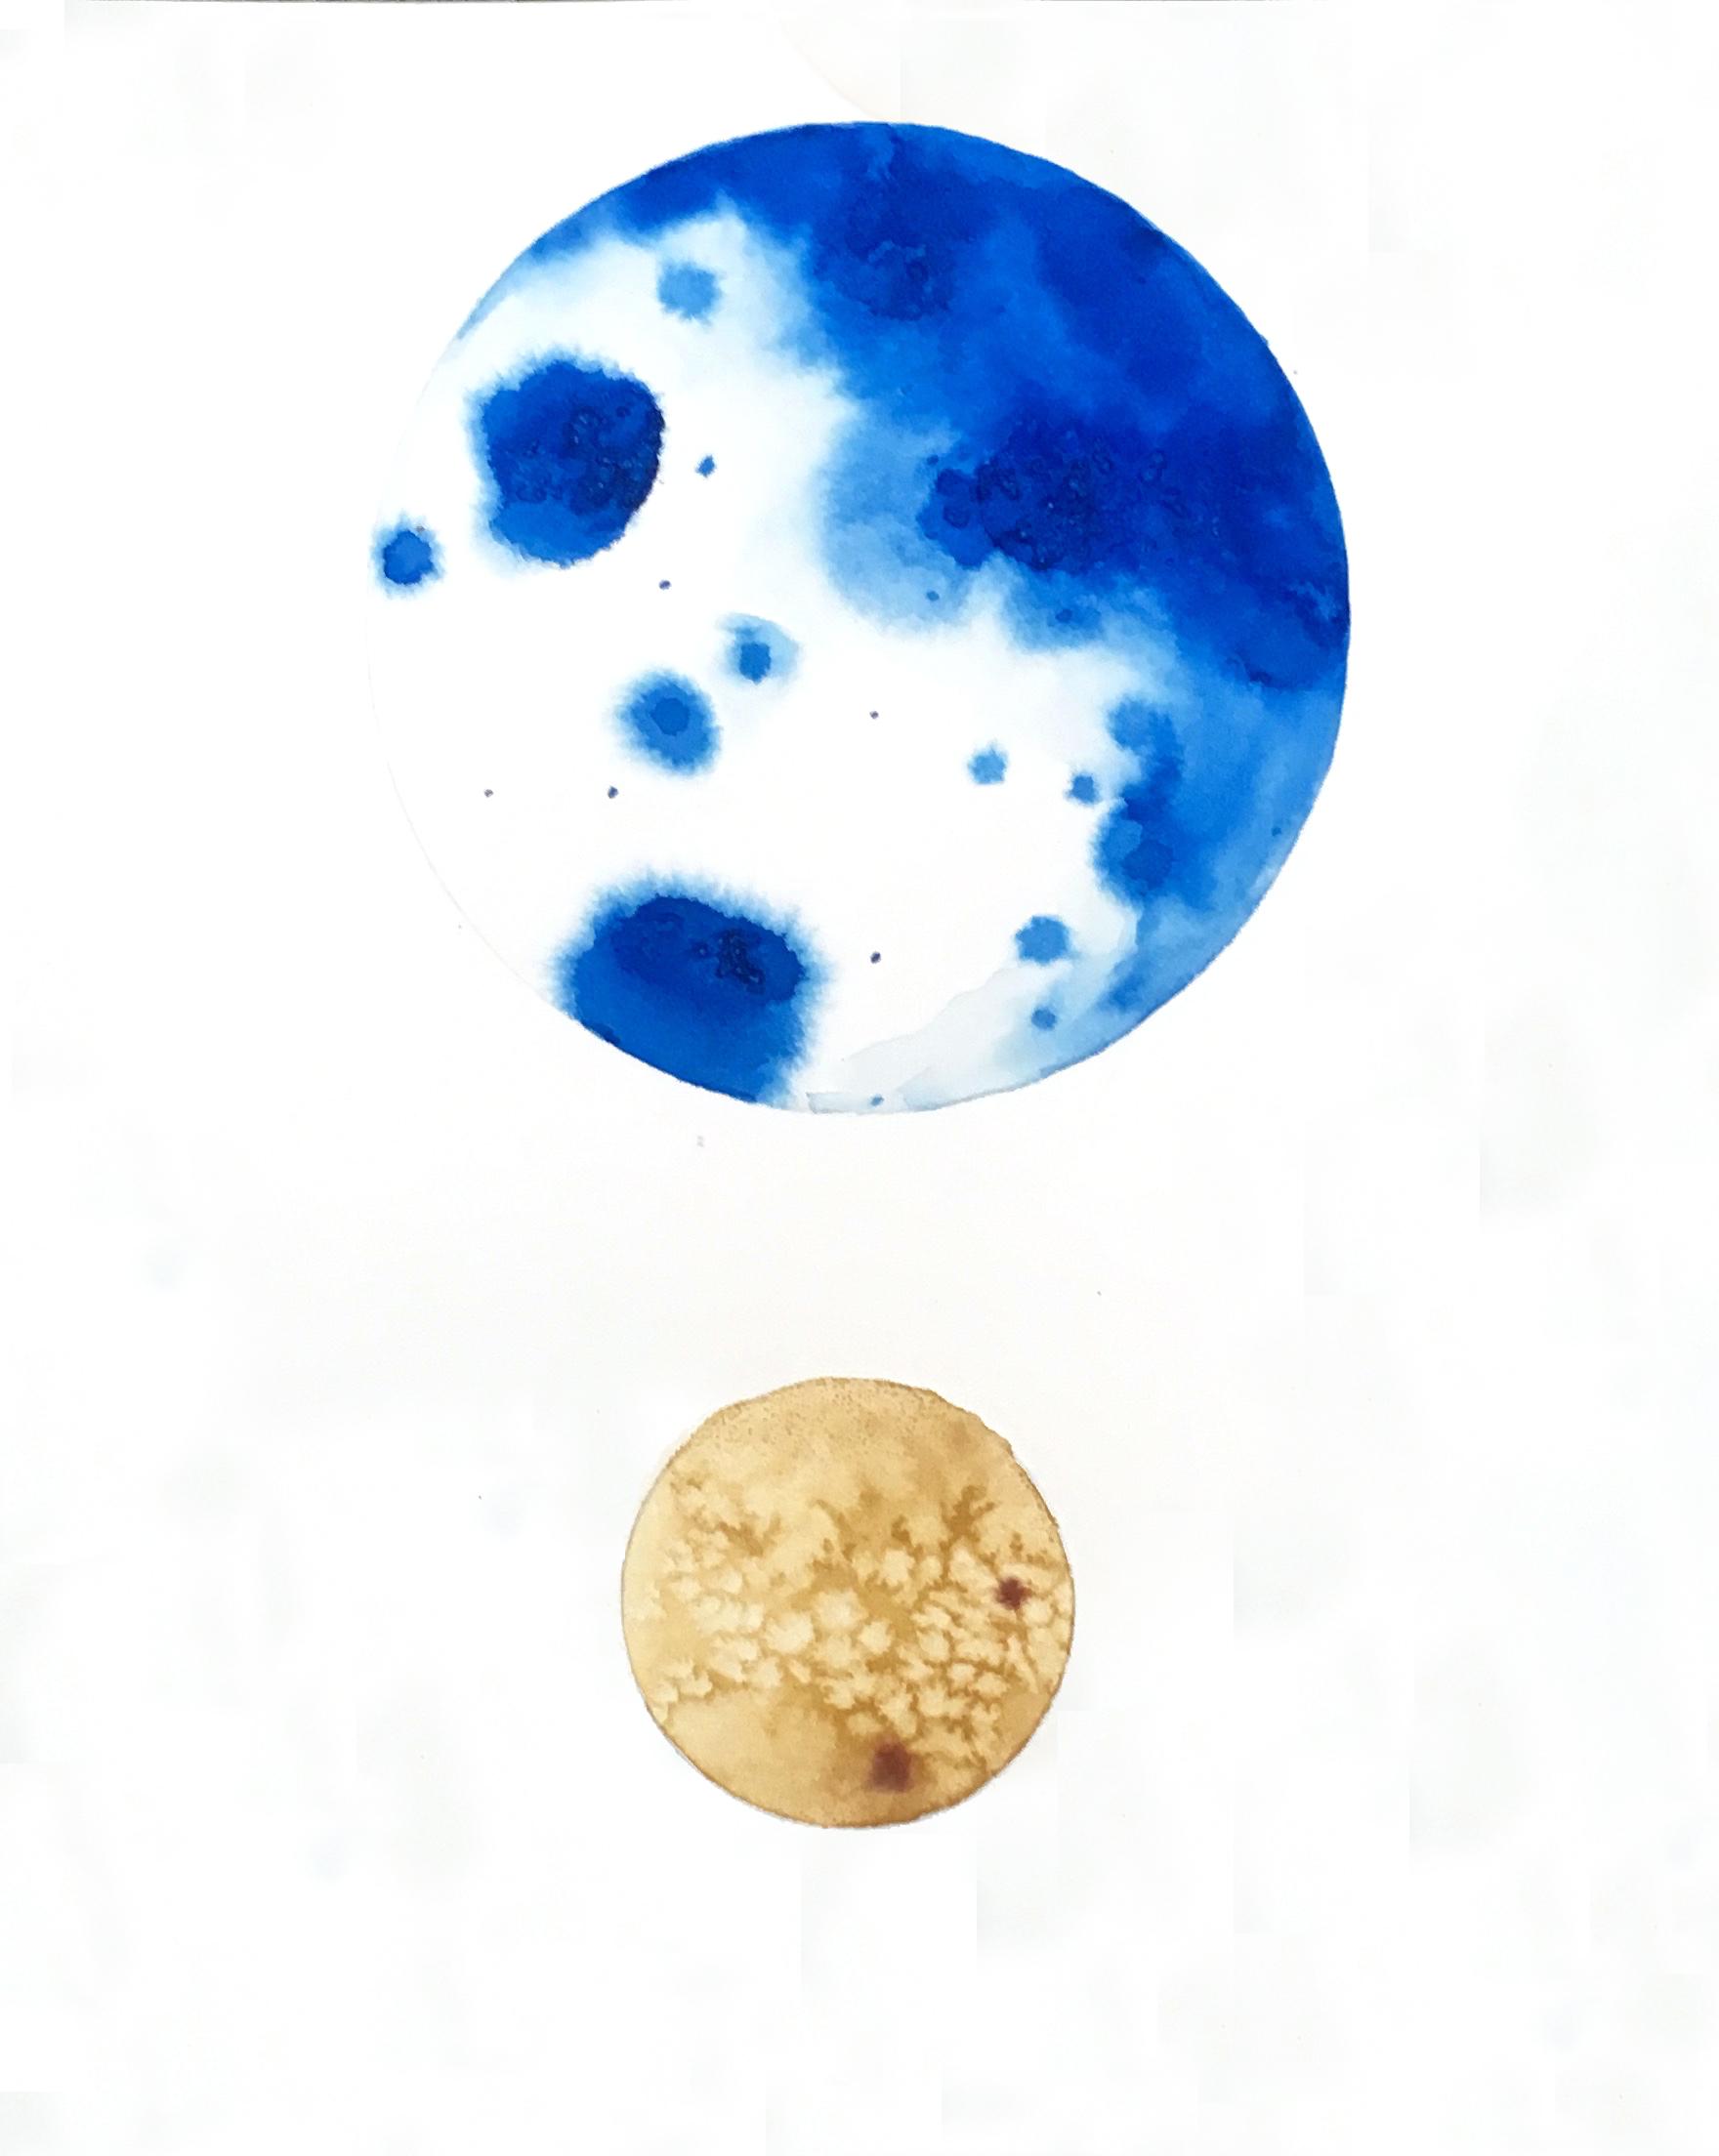 blue and tan spheres.jpg